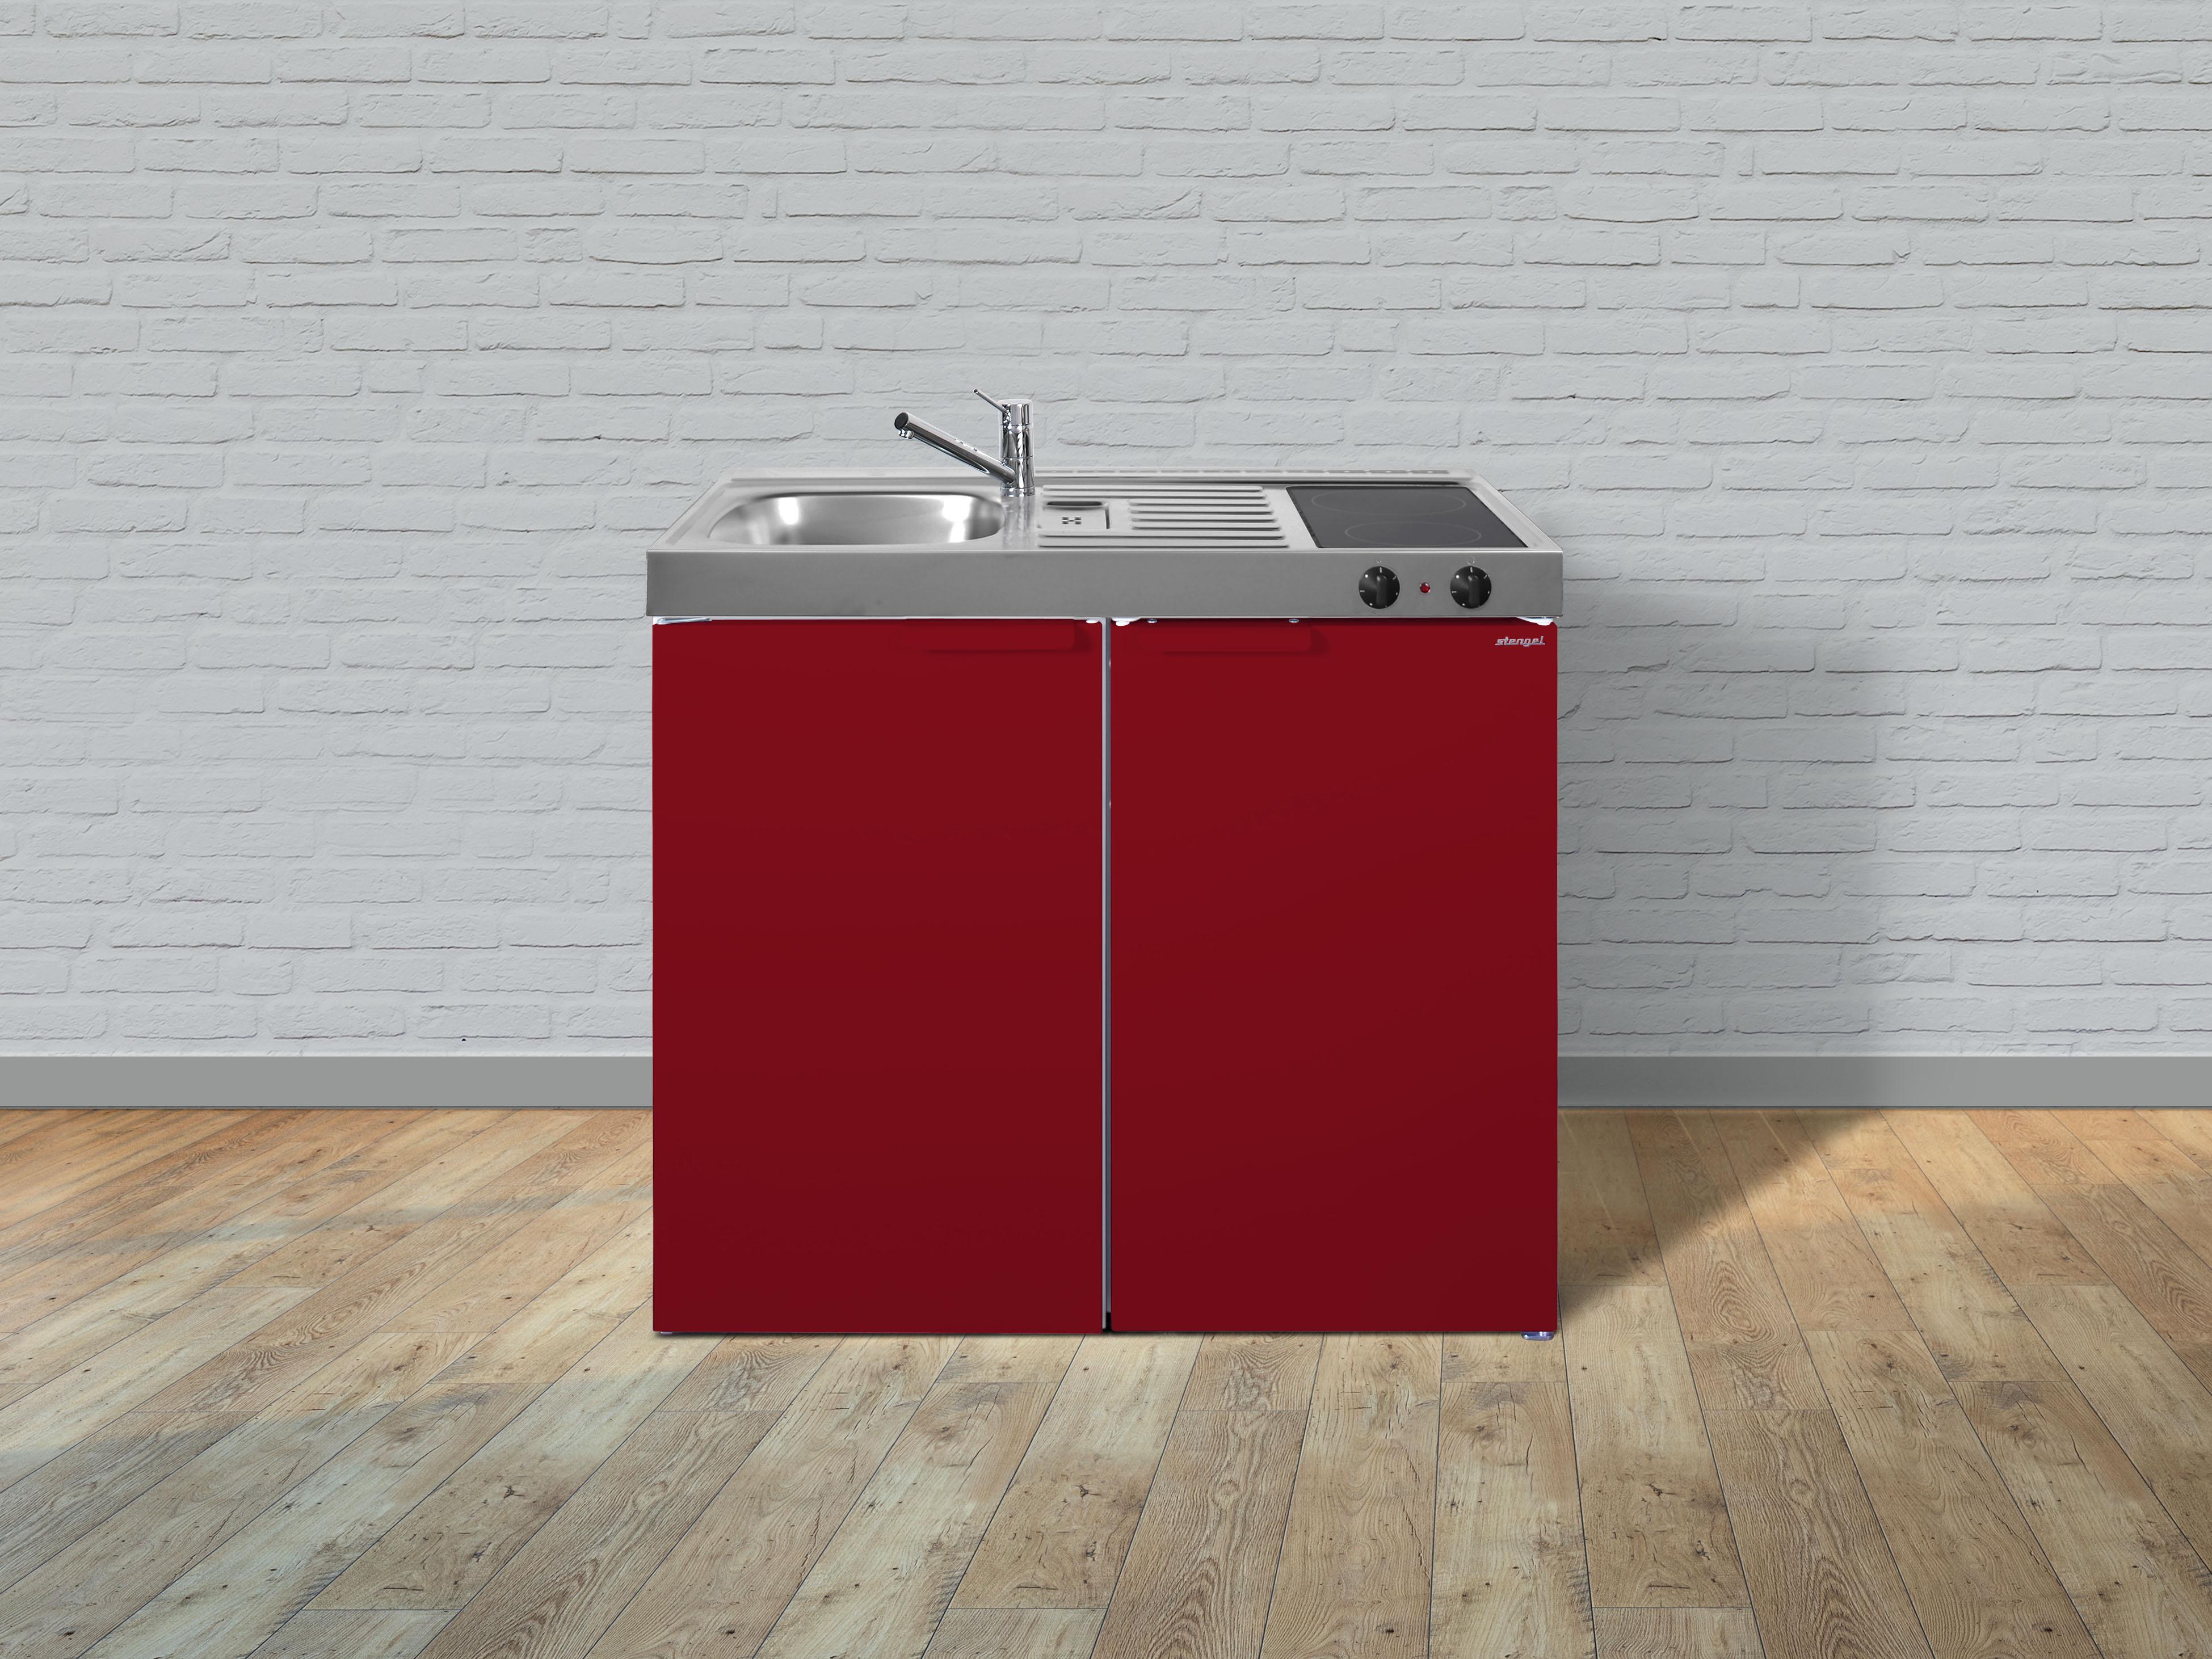 Küche Miniküche Küchenzeile Metallküche Singleküche Stengel 100 cm rot Glanz